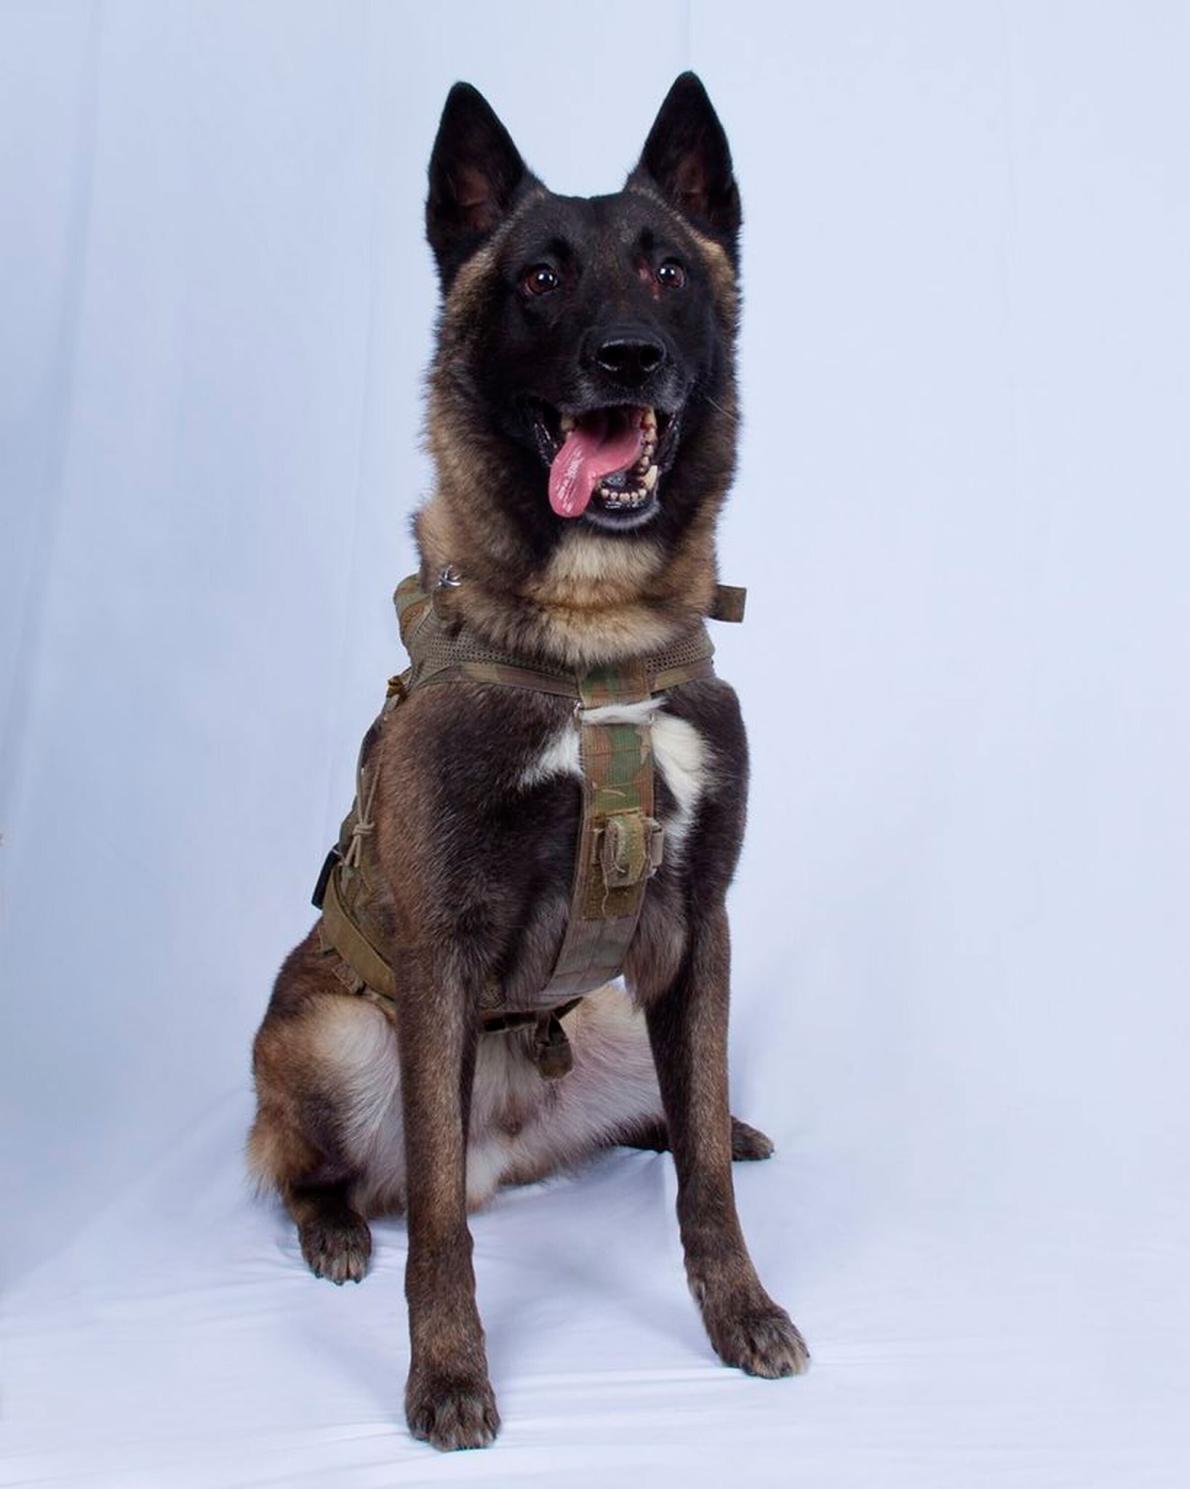 軍犬柯南(Conan)在敘利亞追蹤伊斯蘭國領袖阿布.巴克.巴格達迪(Abu Bakr al-Baghdadi)的突襲過程中「受到輕傷」,但幾天後牠已回歸工作崗位。 PHOTOGRAPH BY WHITE HOUSE VIA AP